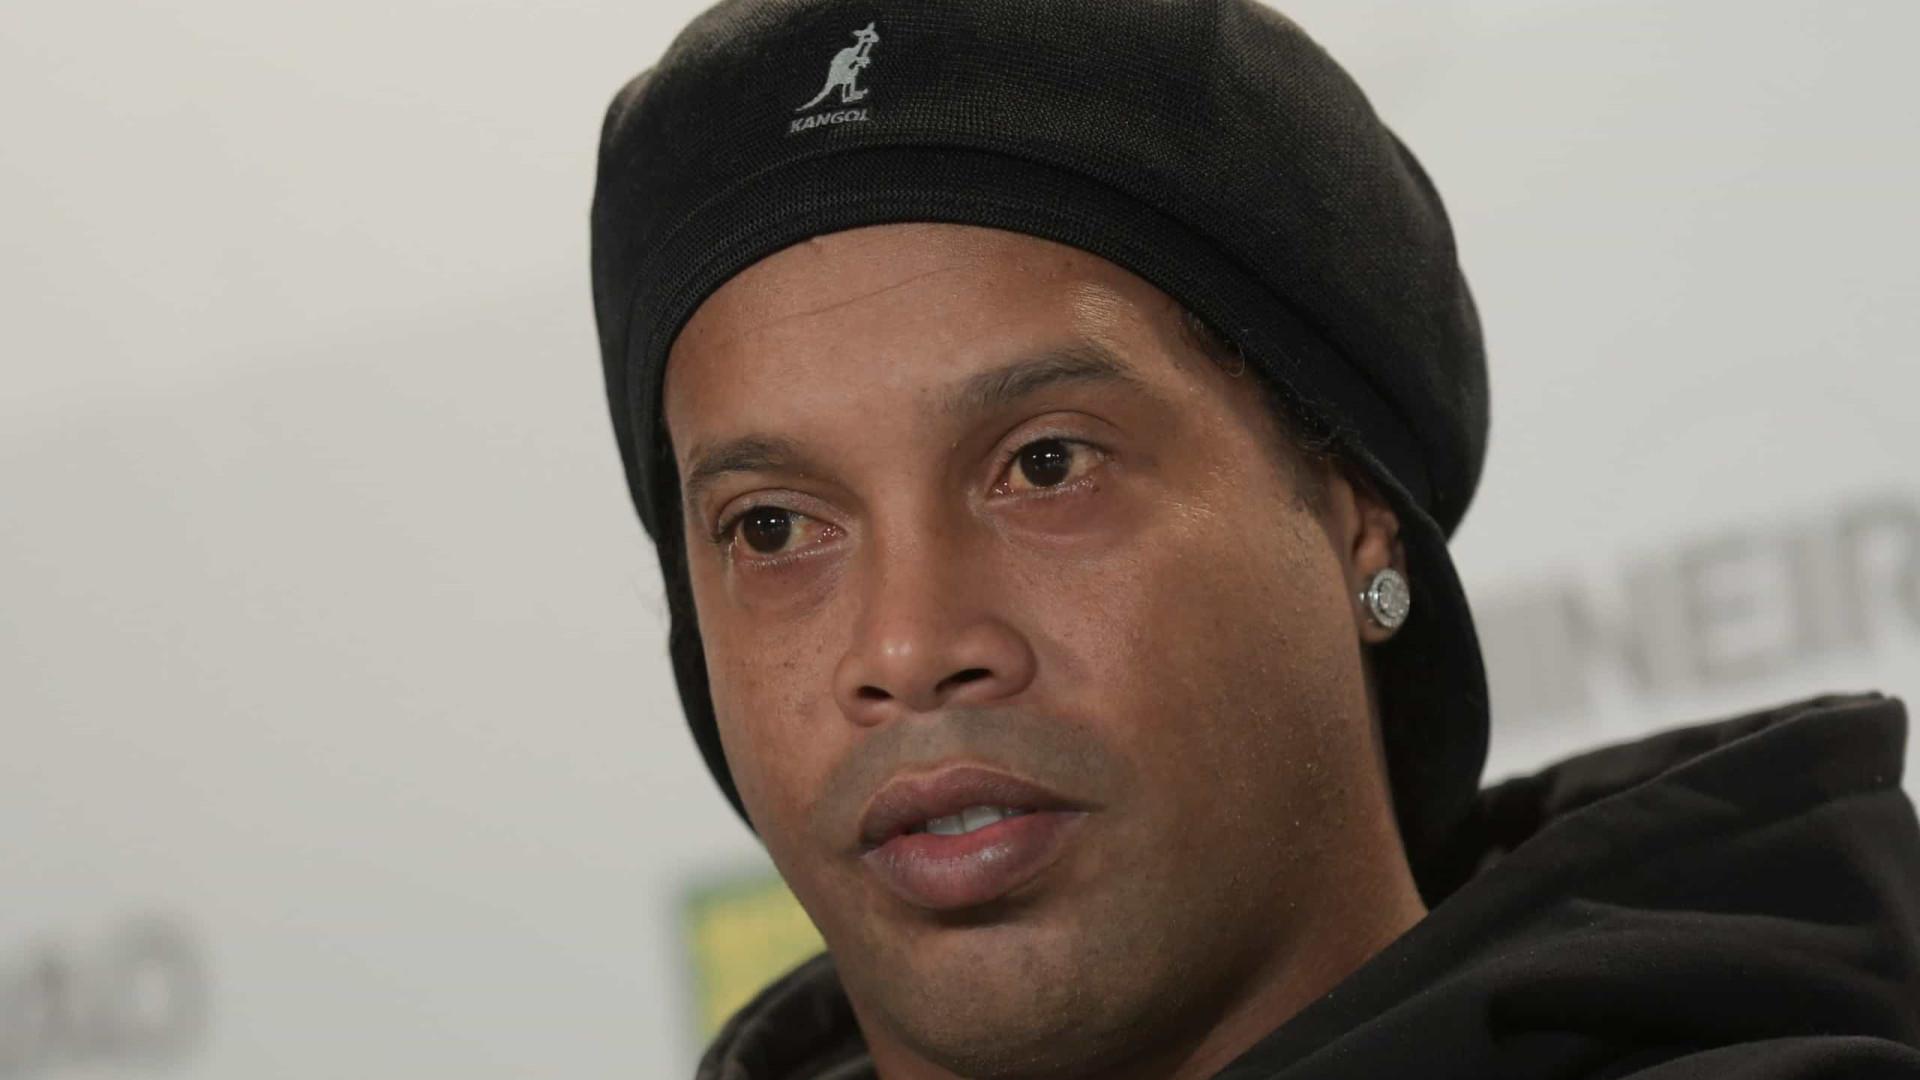 Perícia nos telefones de Ronaldinho e irmão apura ligação com quadrilha